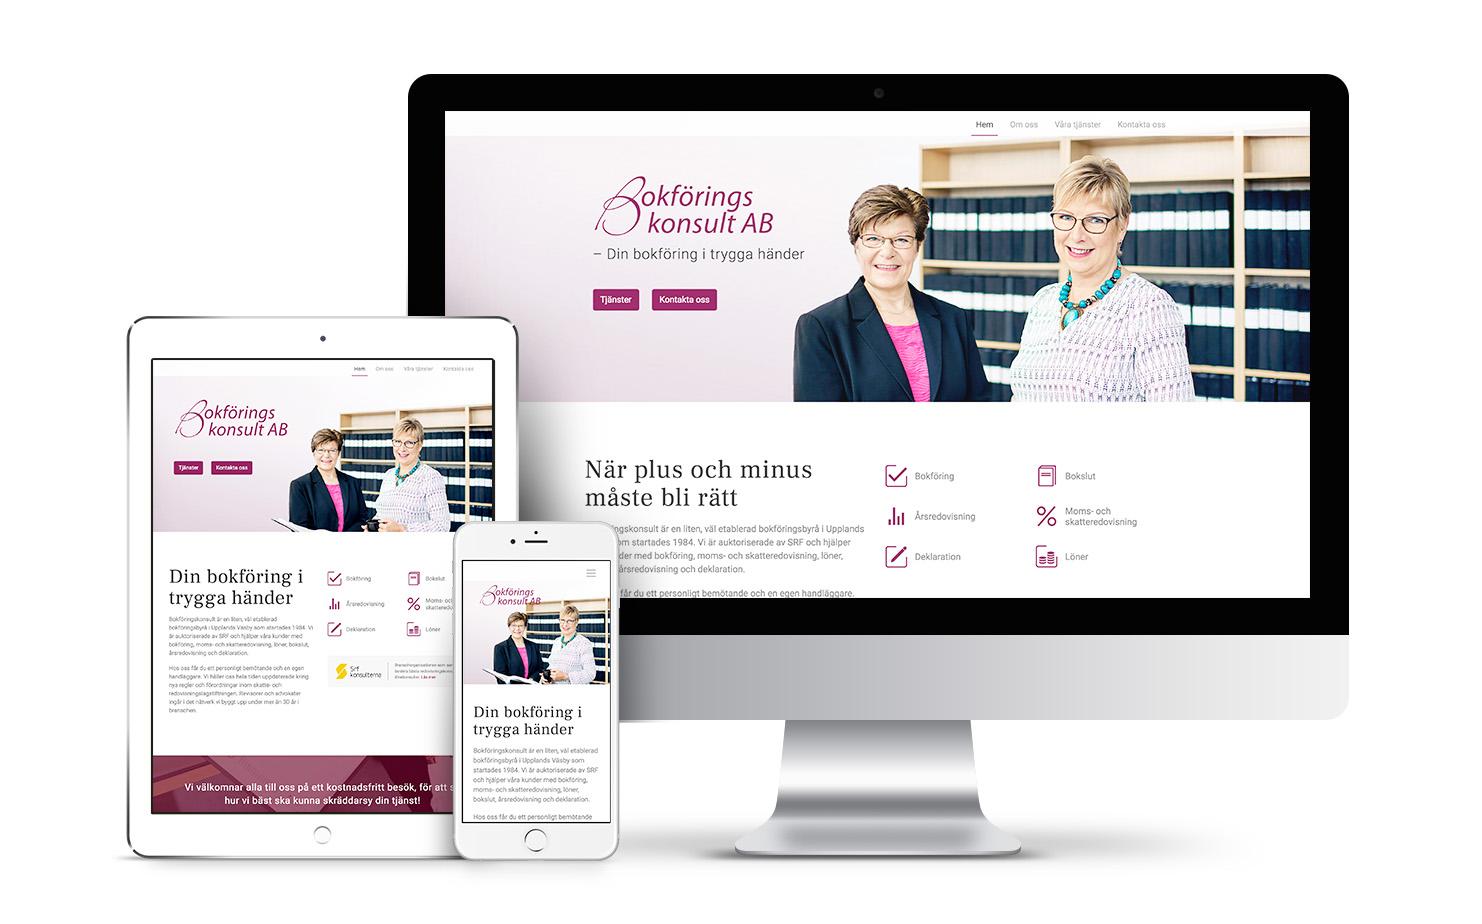 bokforingskonsult webpage design